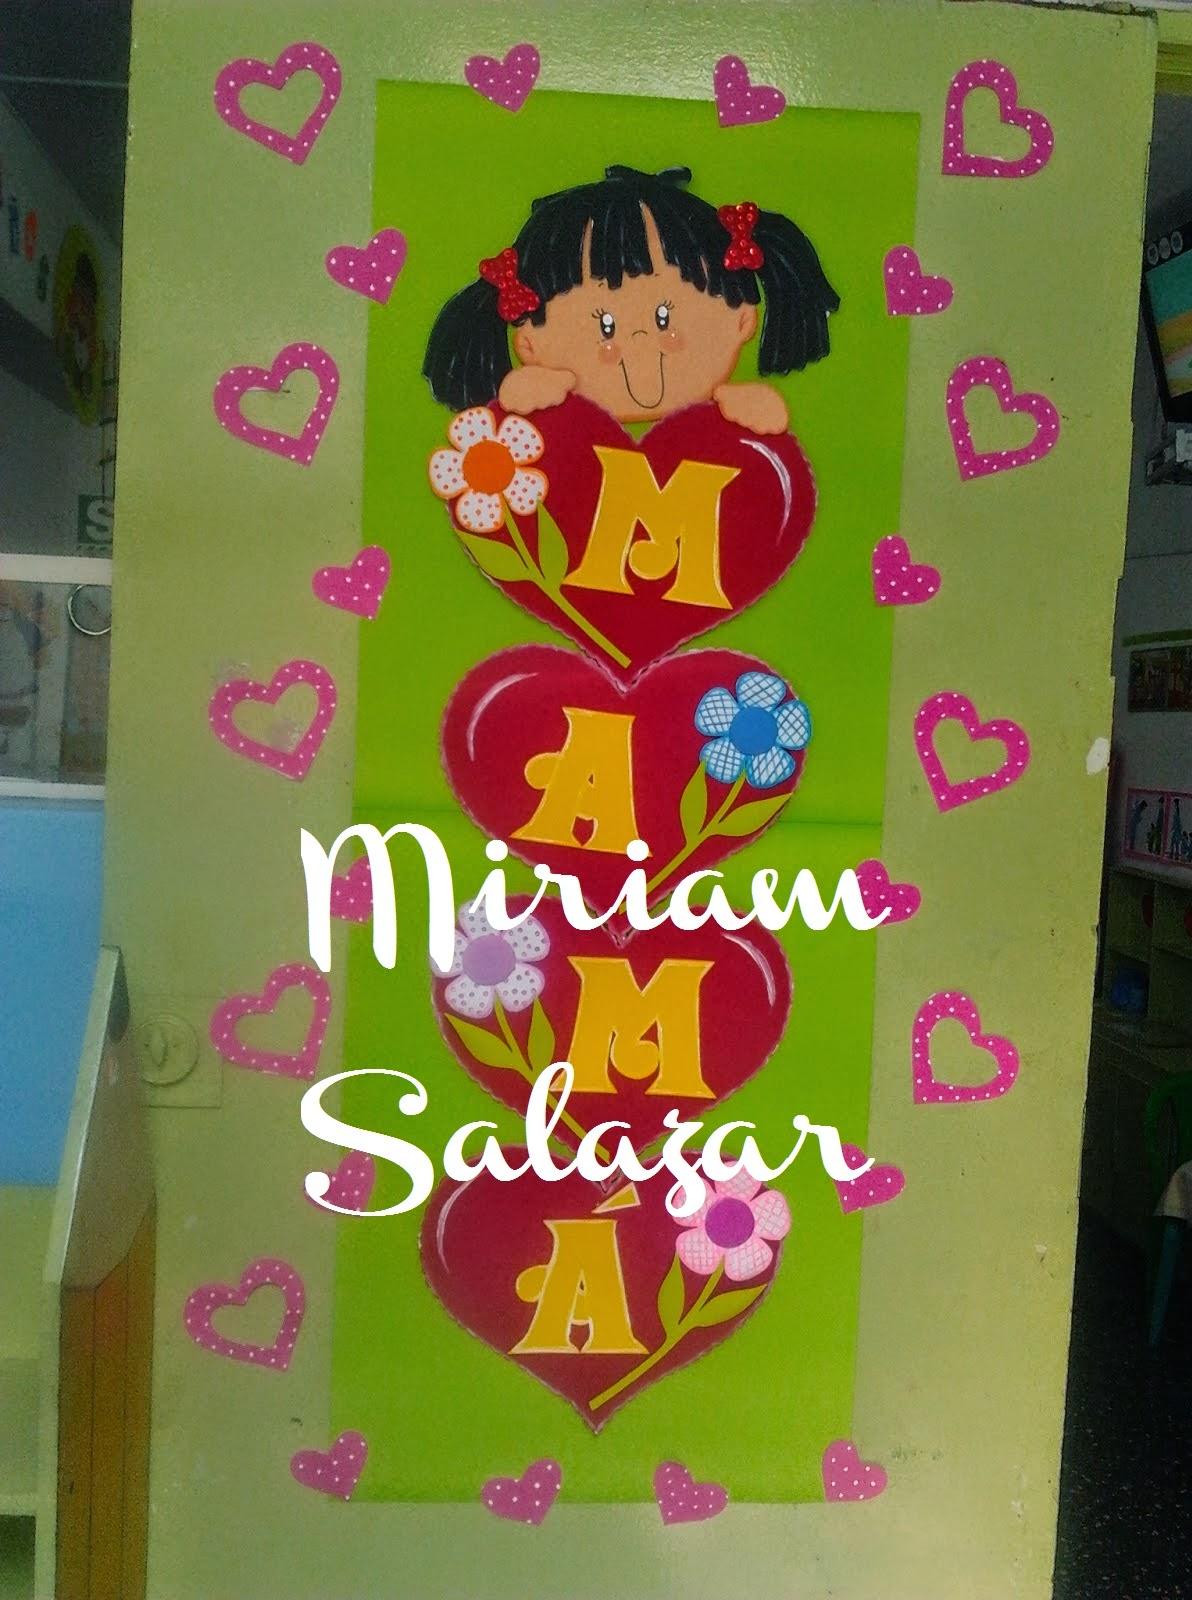 Recursos para educaci n inicial carteles de ambientaci n - Decoracion para el dia de la madre ...